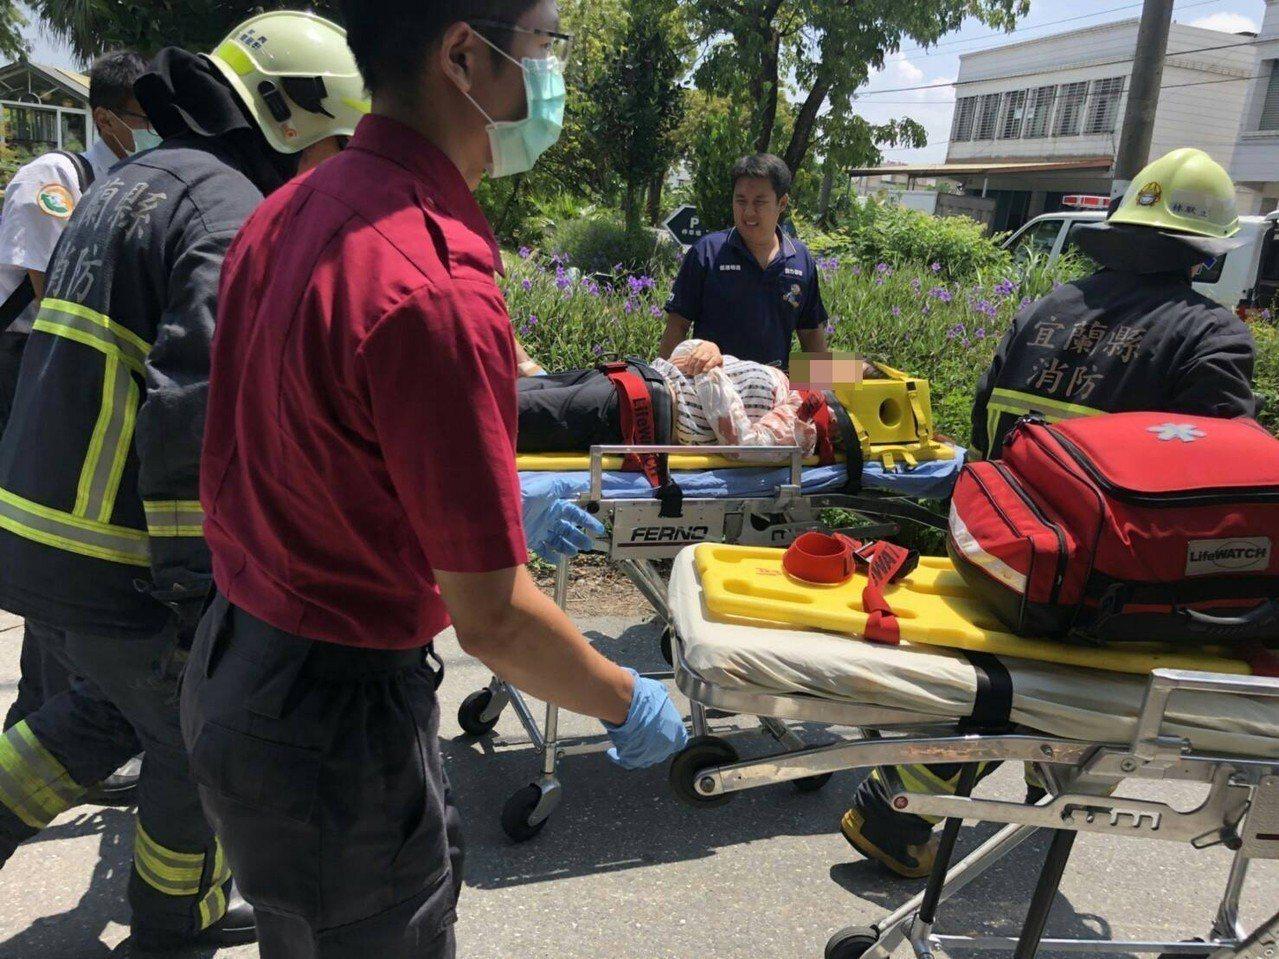 宜蘭車禍4人受傷送醫。圖/宜蘭縣消防局提供